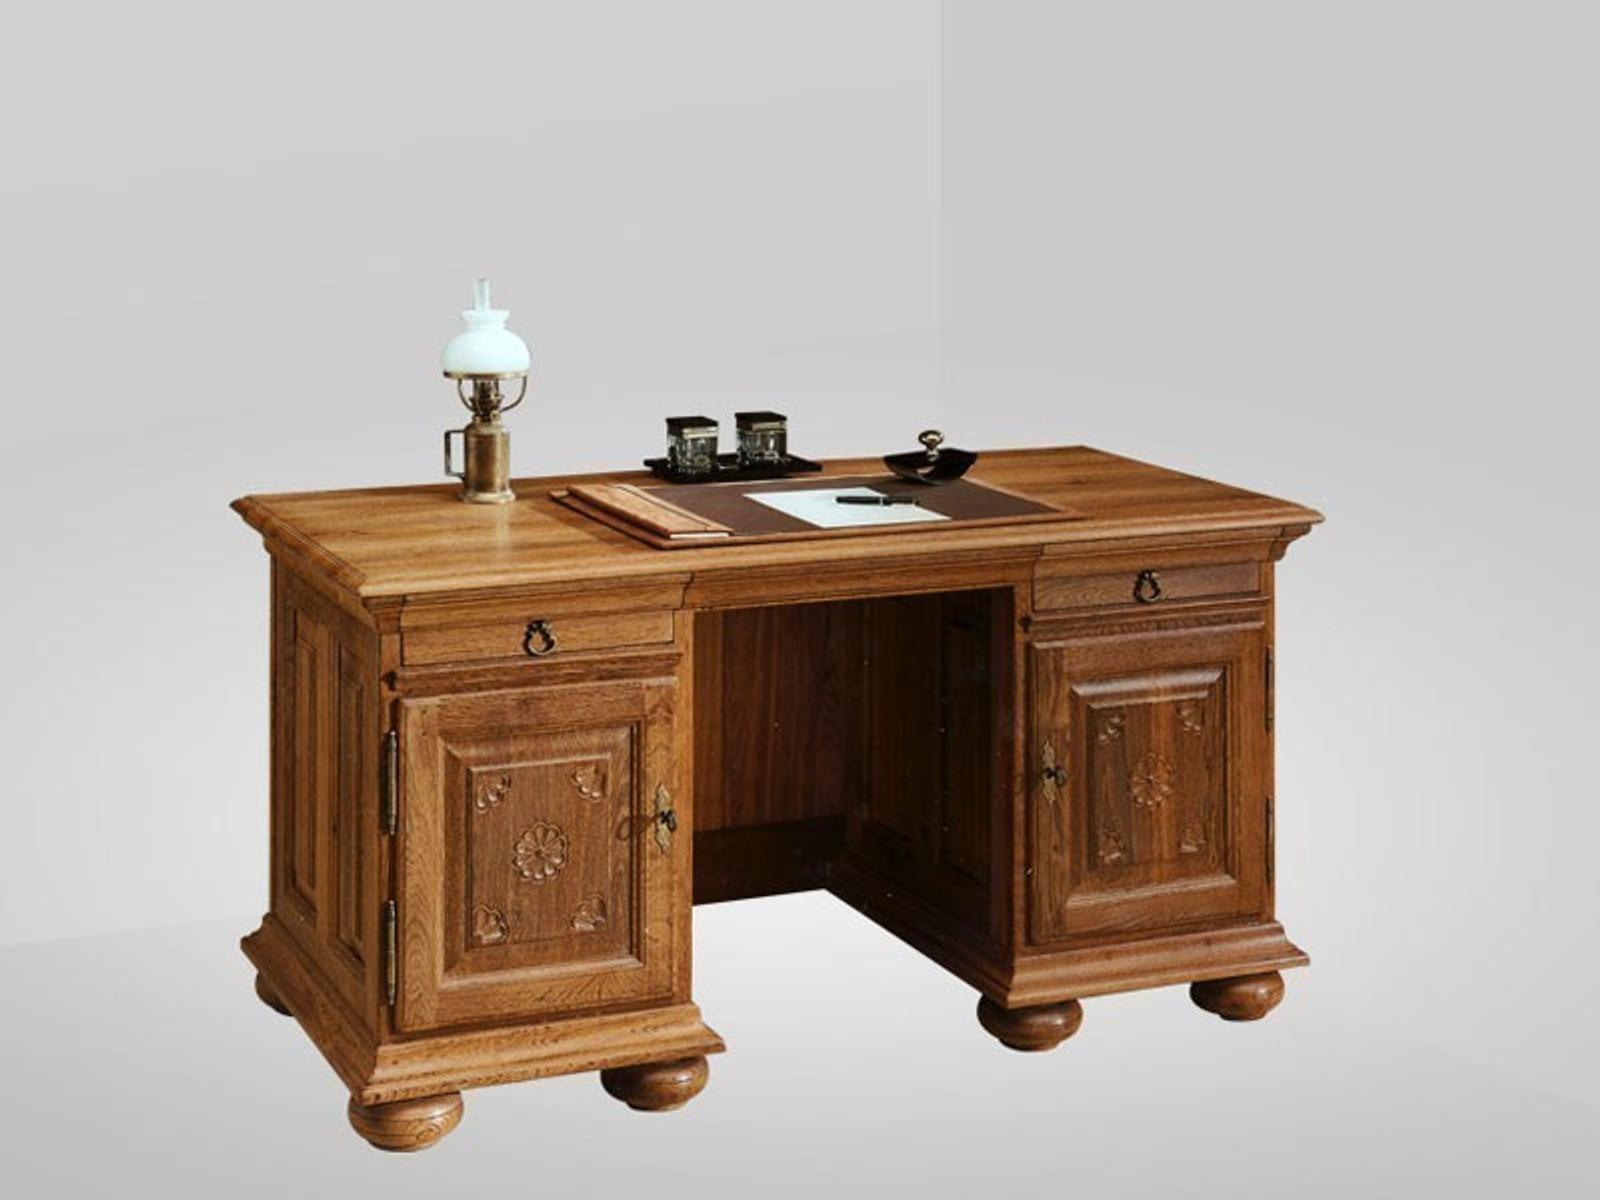 Schreibtisch Eiche Massiv schreibtisch eiche-massiv, farbton nach wunsch von rustikal bis ganz